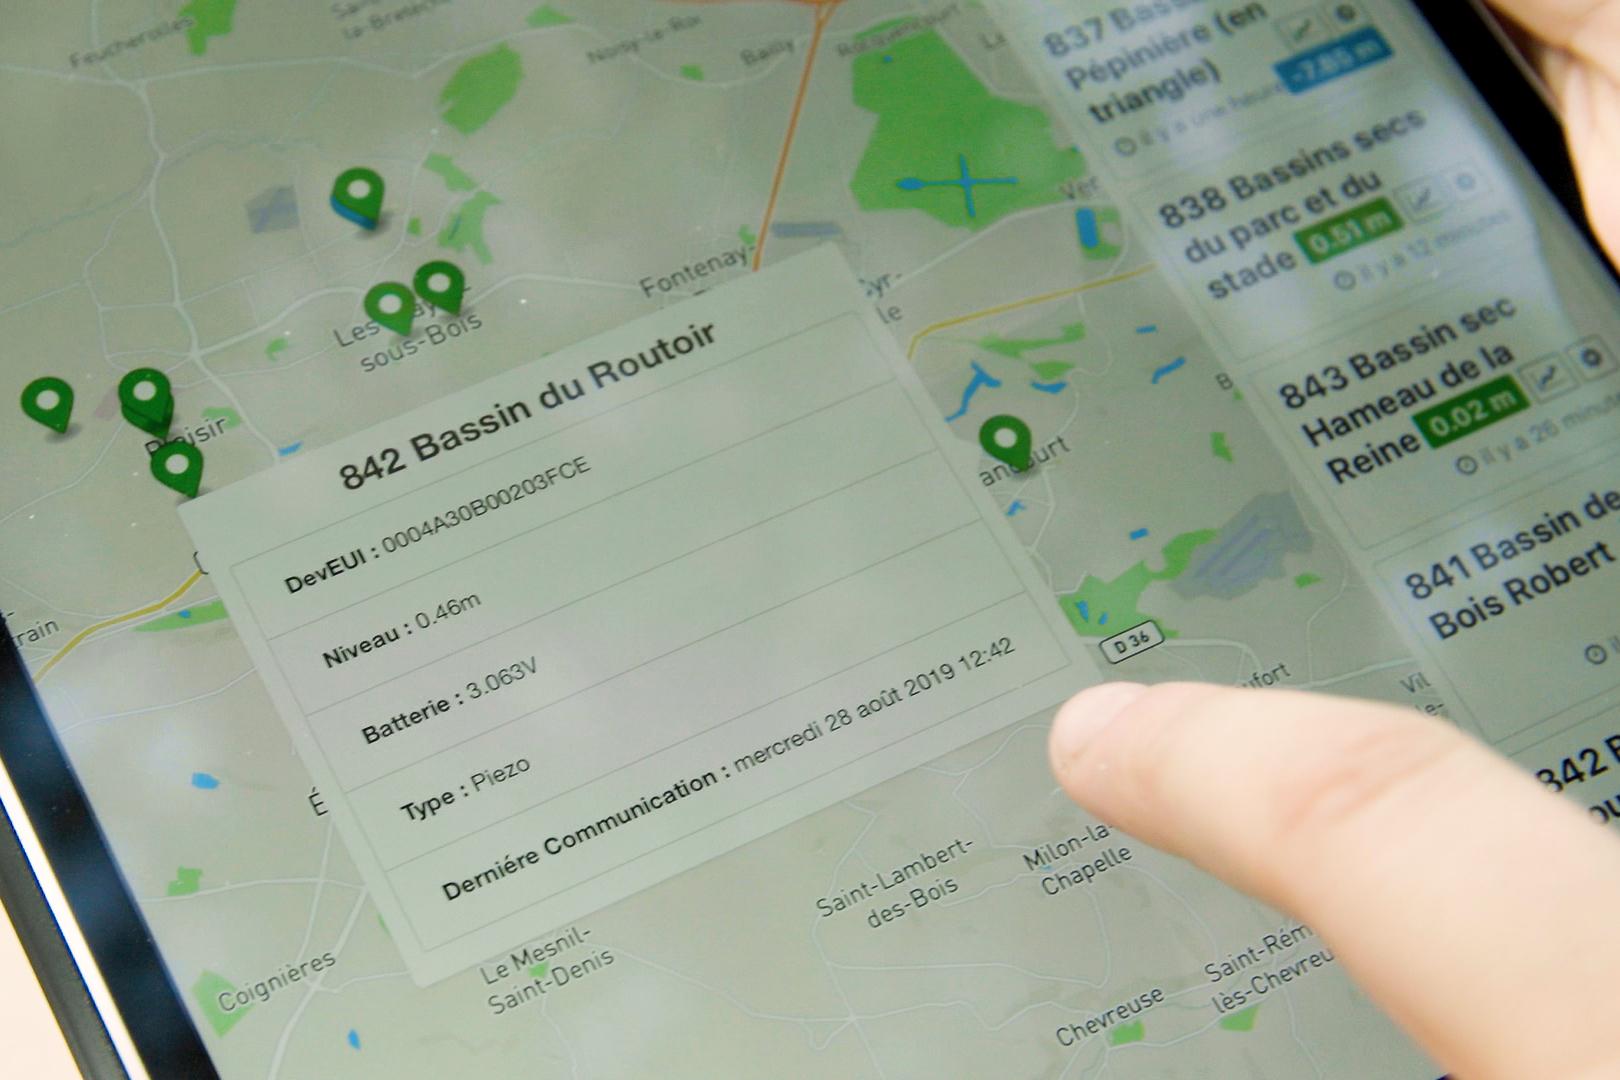 Saint-Quentin-en-Yvelines surveille ses bassins de rétention d'eau grâce à la plate-forme IoT d'Orange